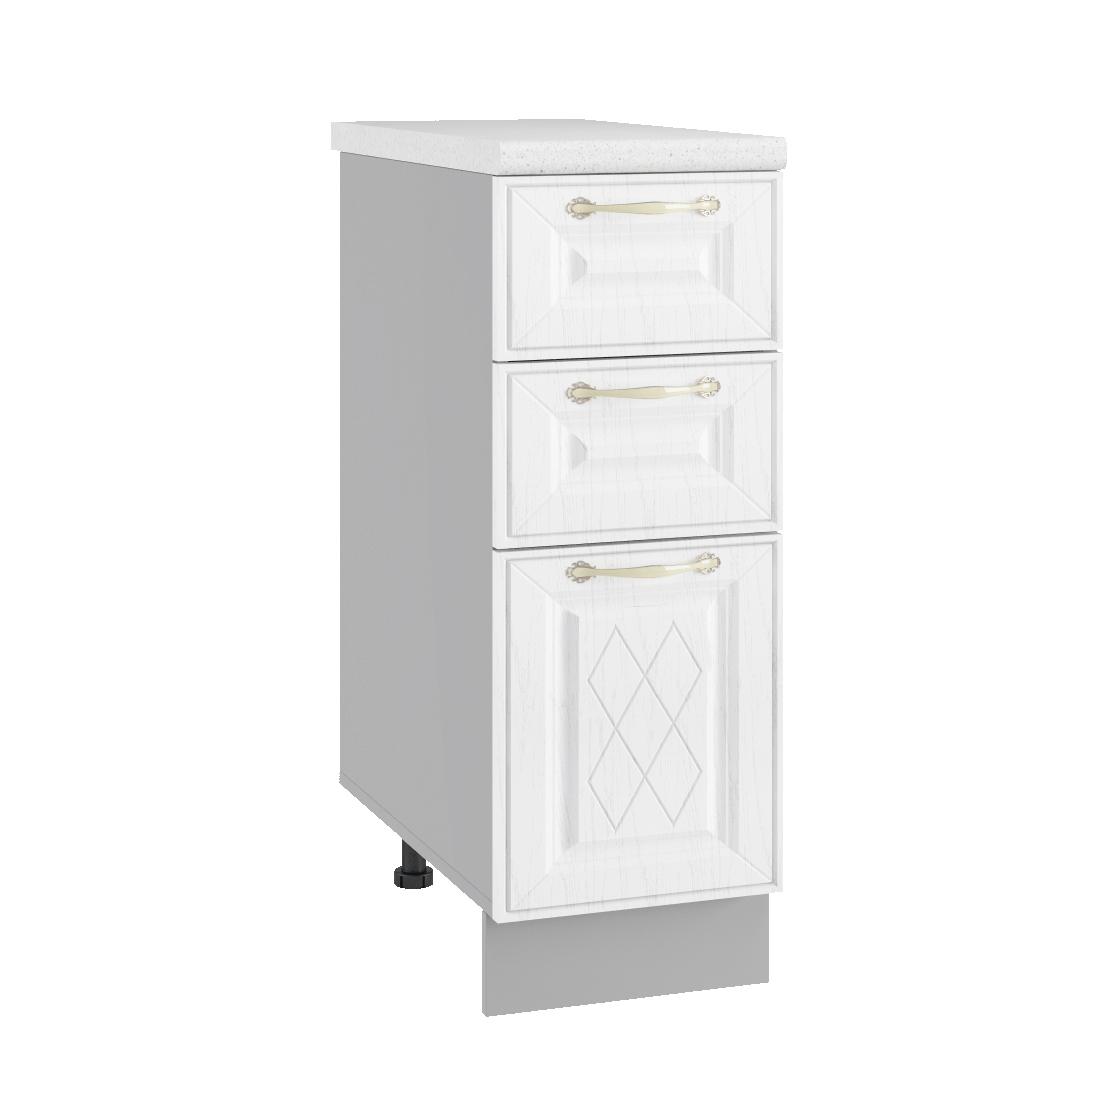 Кухня Вита СЯ 300 Шкаф нижний с 3 ящиками